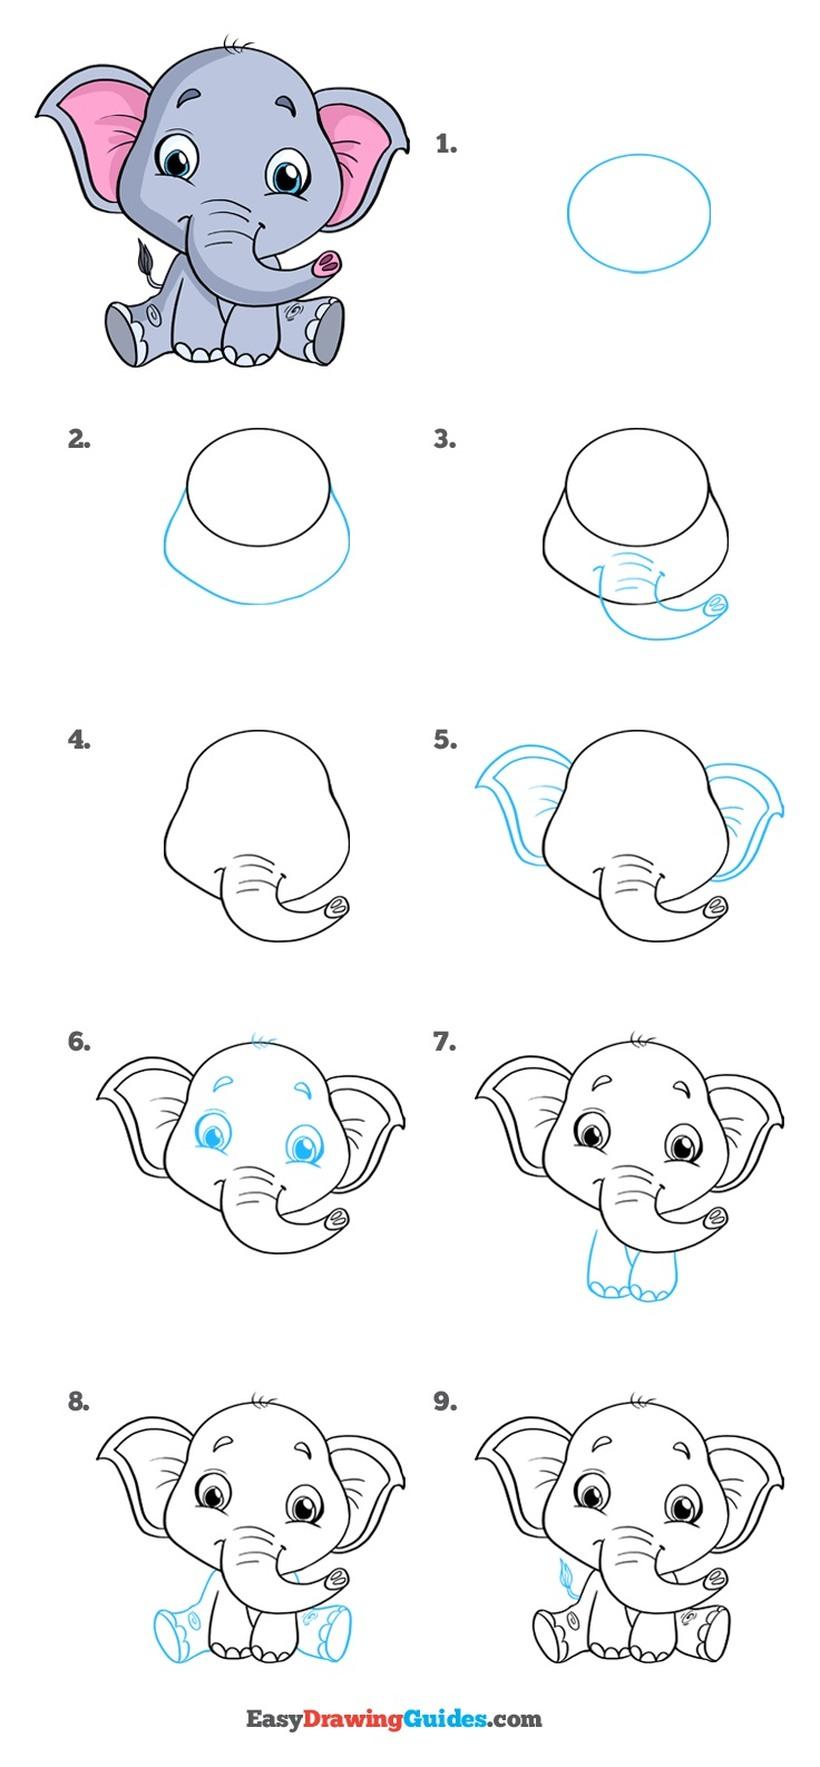 dibujos fáciles de elefantes a lápiz paso a paso para niños elefante bebé elefantito